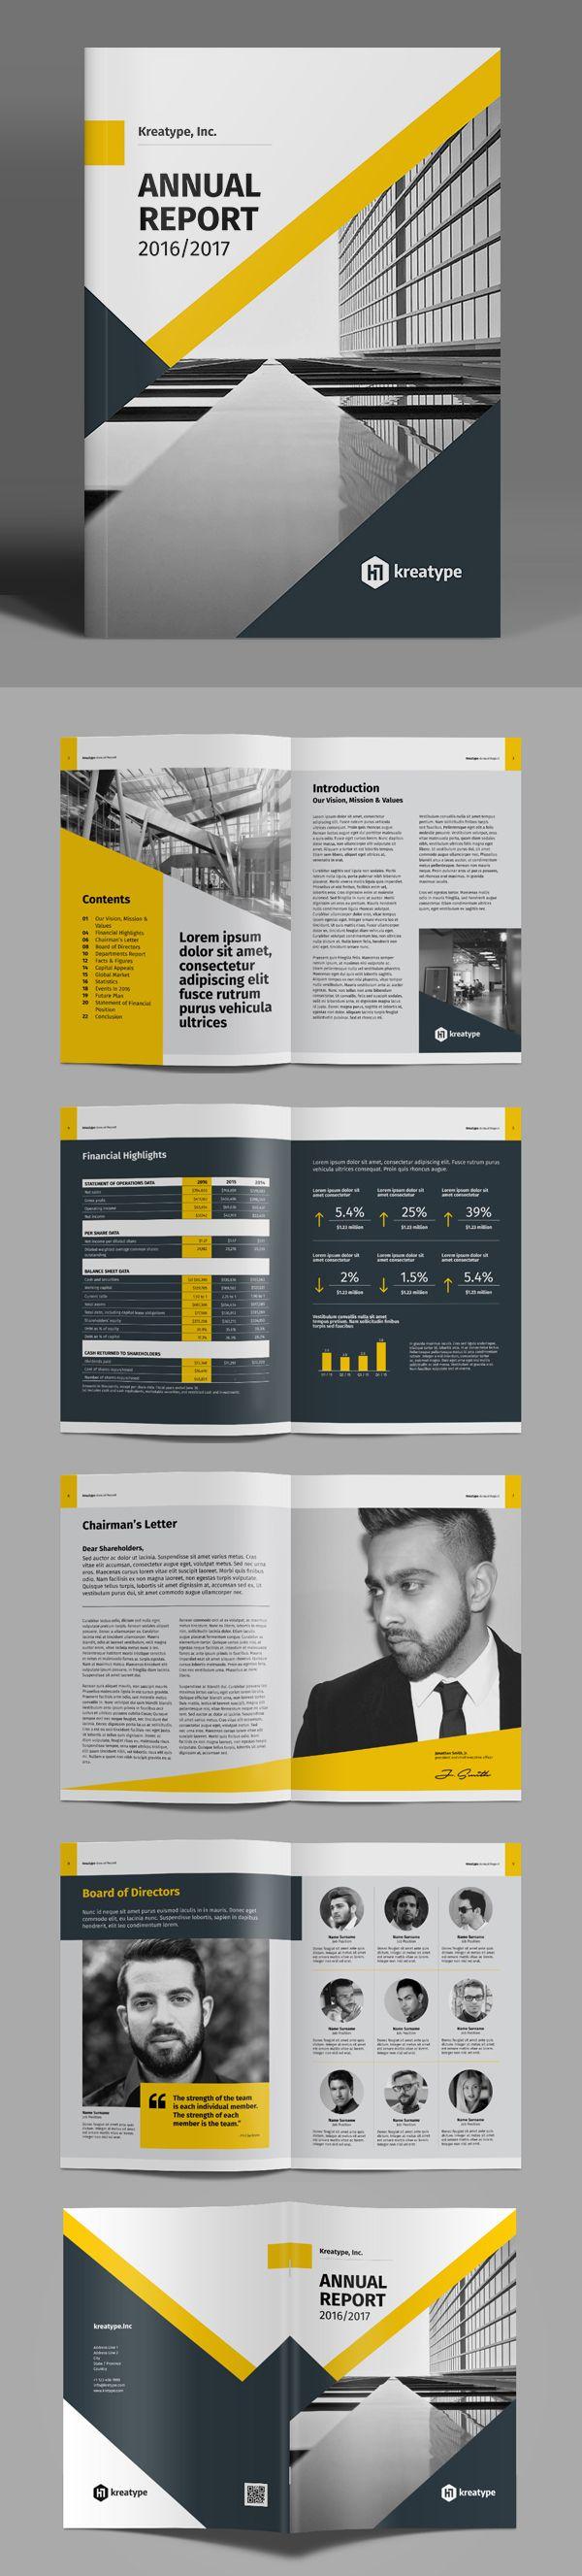 Kreatype Annual Report                                                                                                                                                                                 More